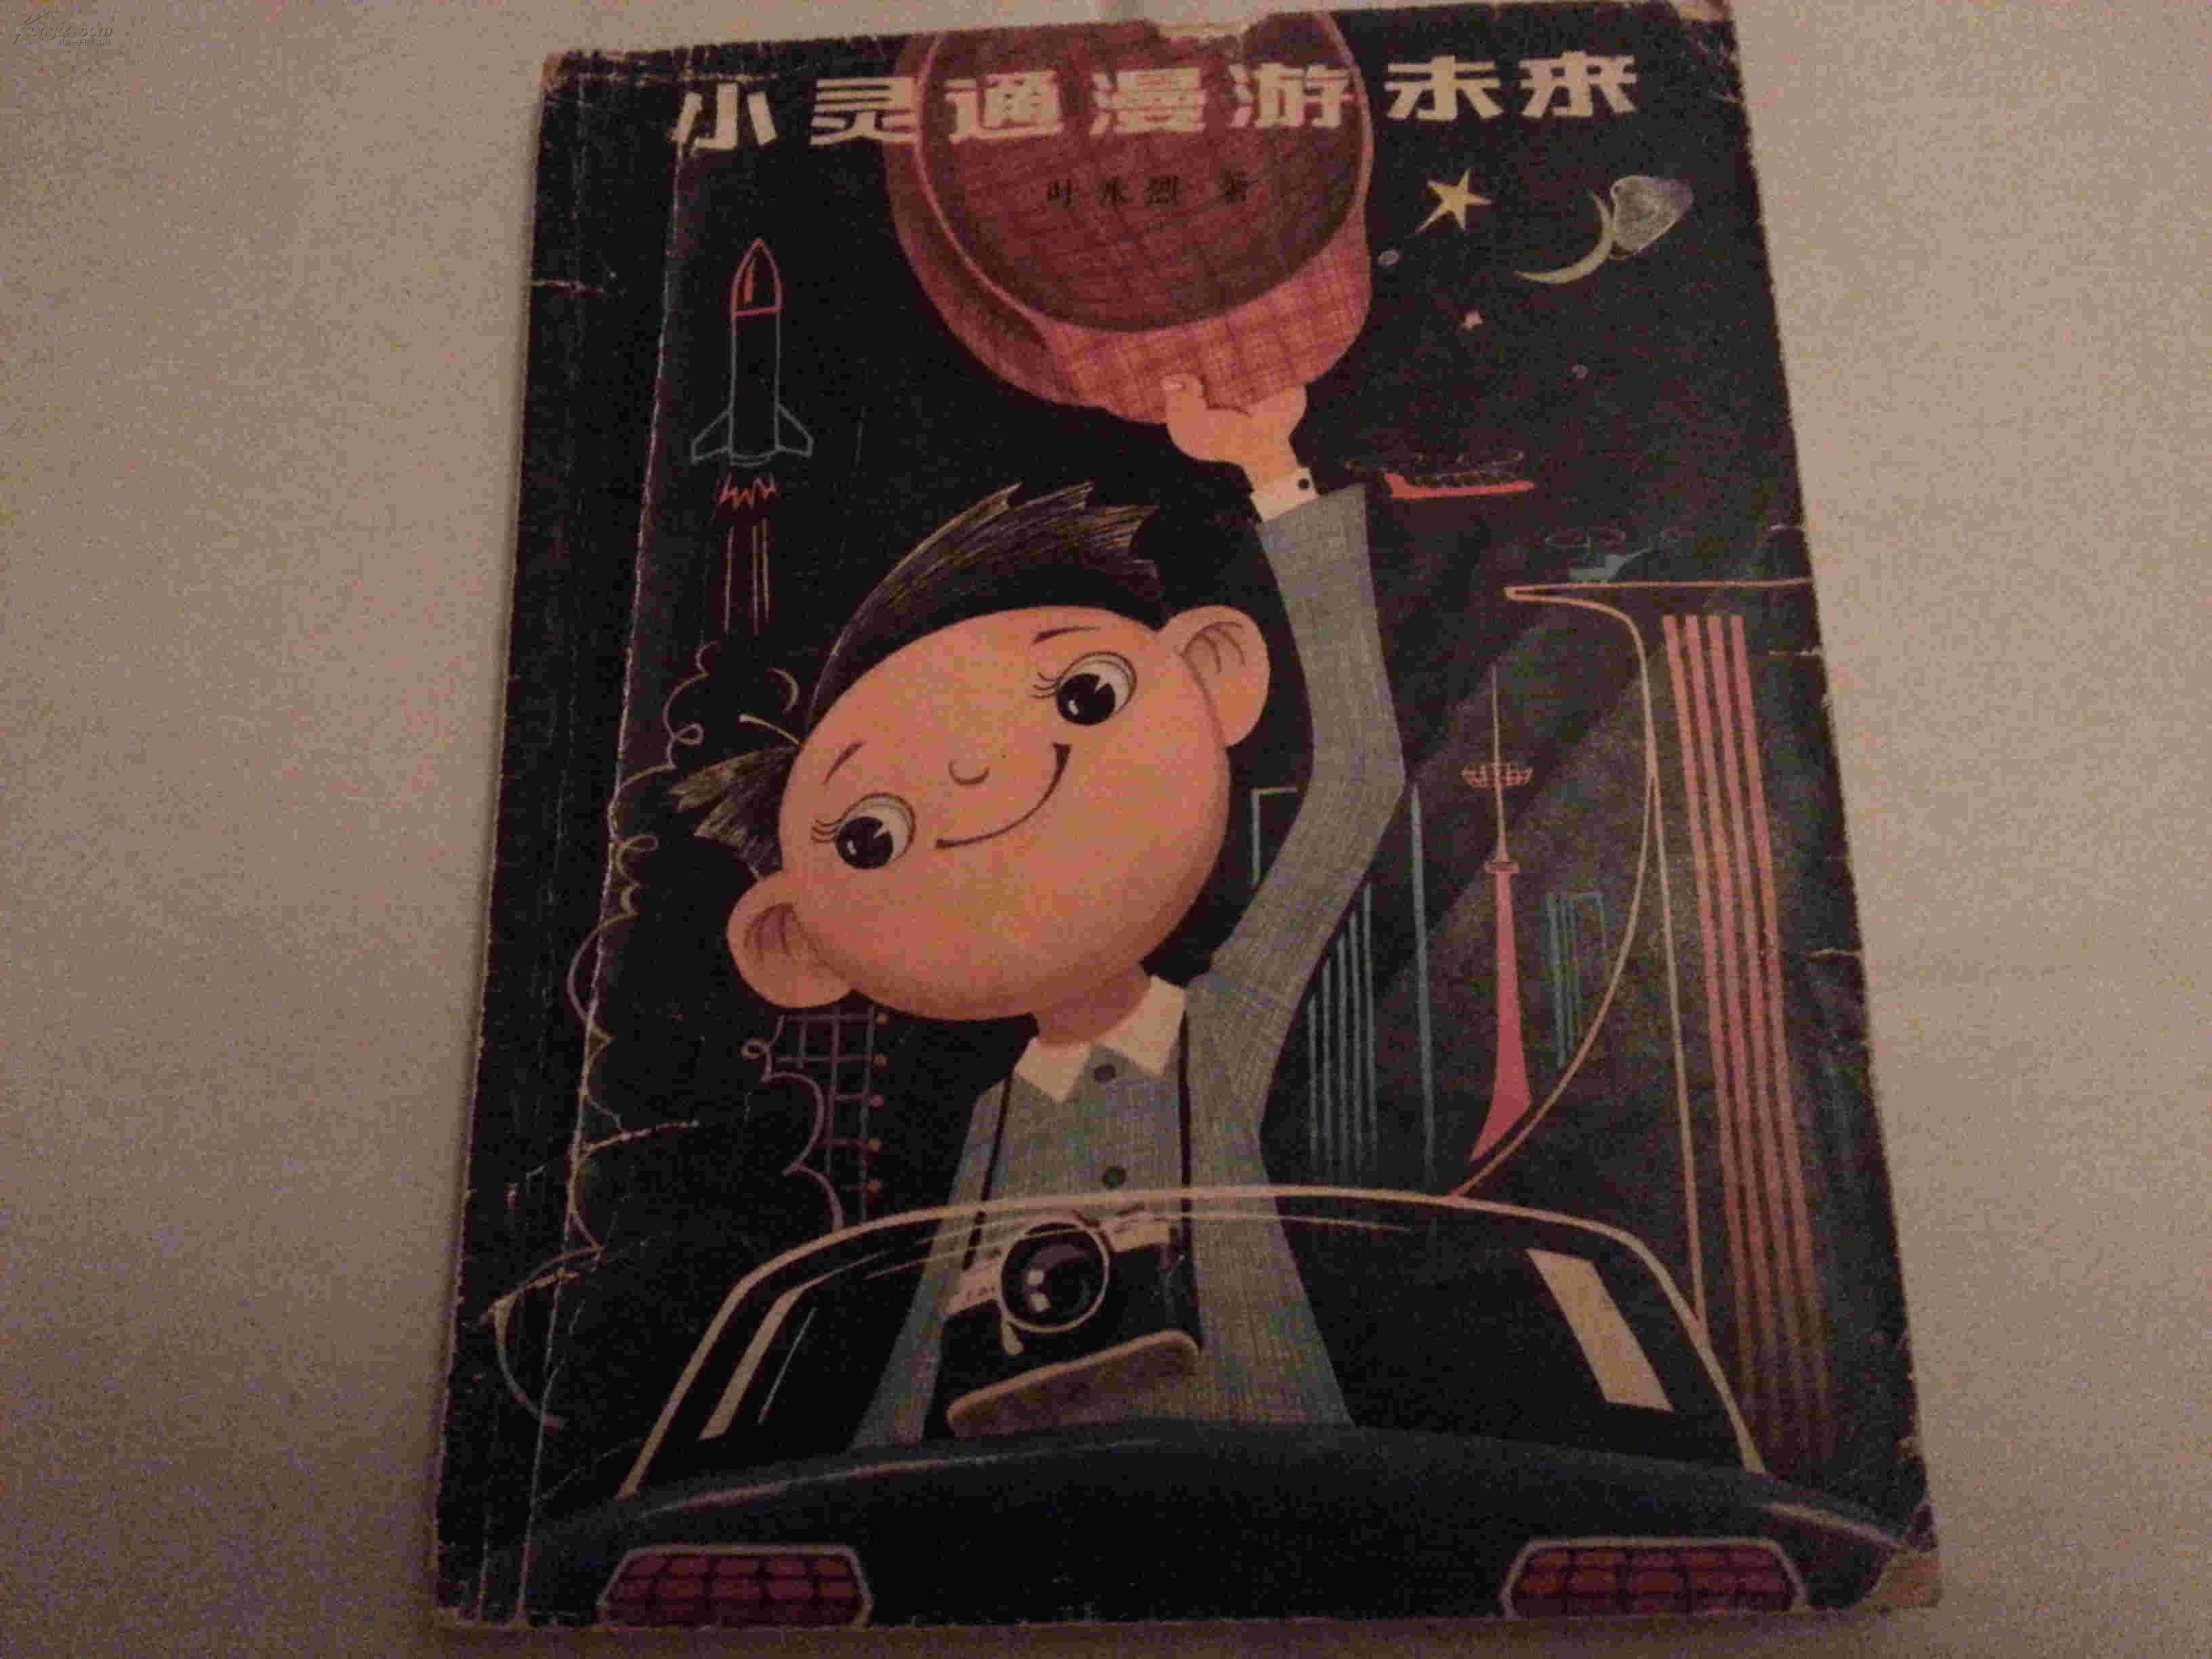 小灵通漫游未来_叶永列_孔夫子旧书网图片